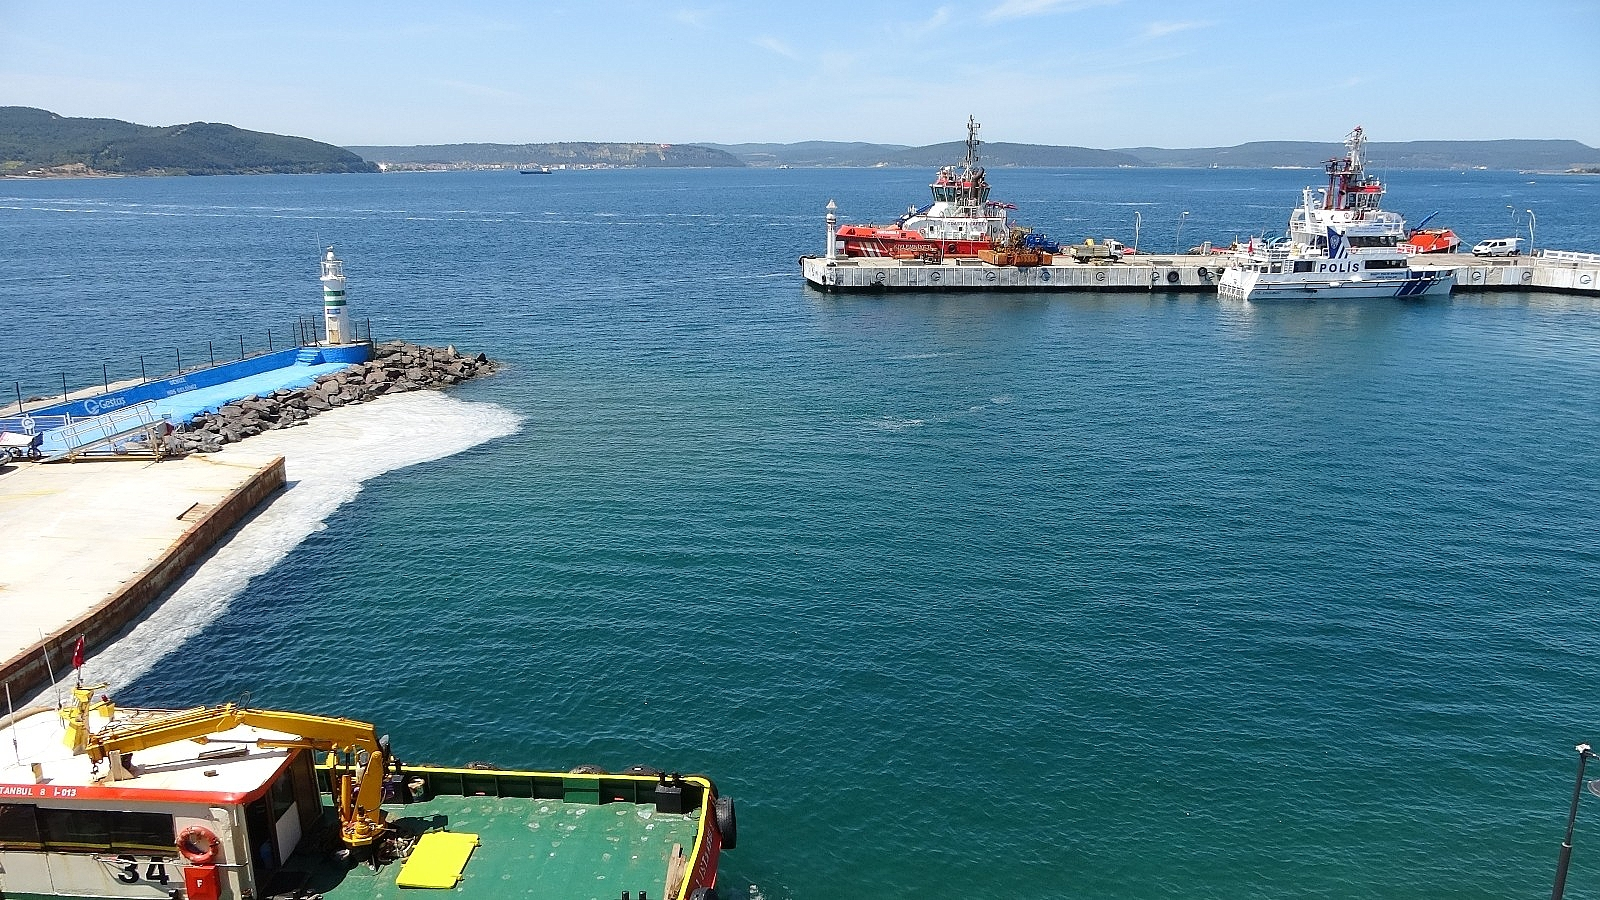 2021/05/canakkale-bogazindaki-deniz-salyalari-siddetli-poyrazla-birlikte-kismen-dagildi-20210512AW31-3.jpg